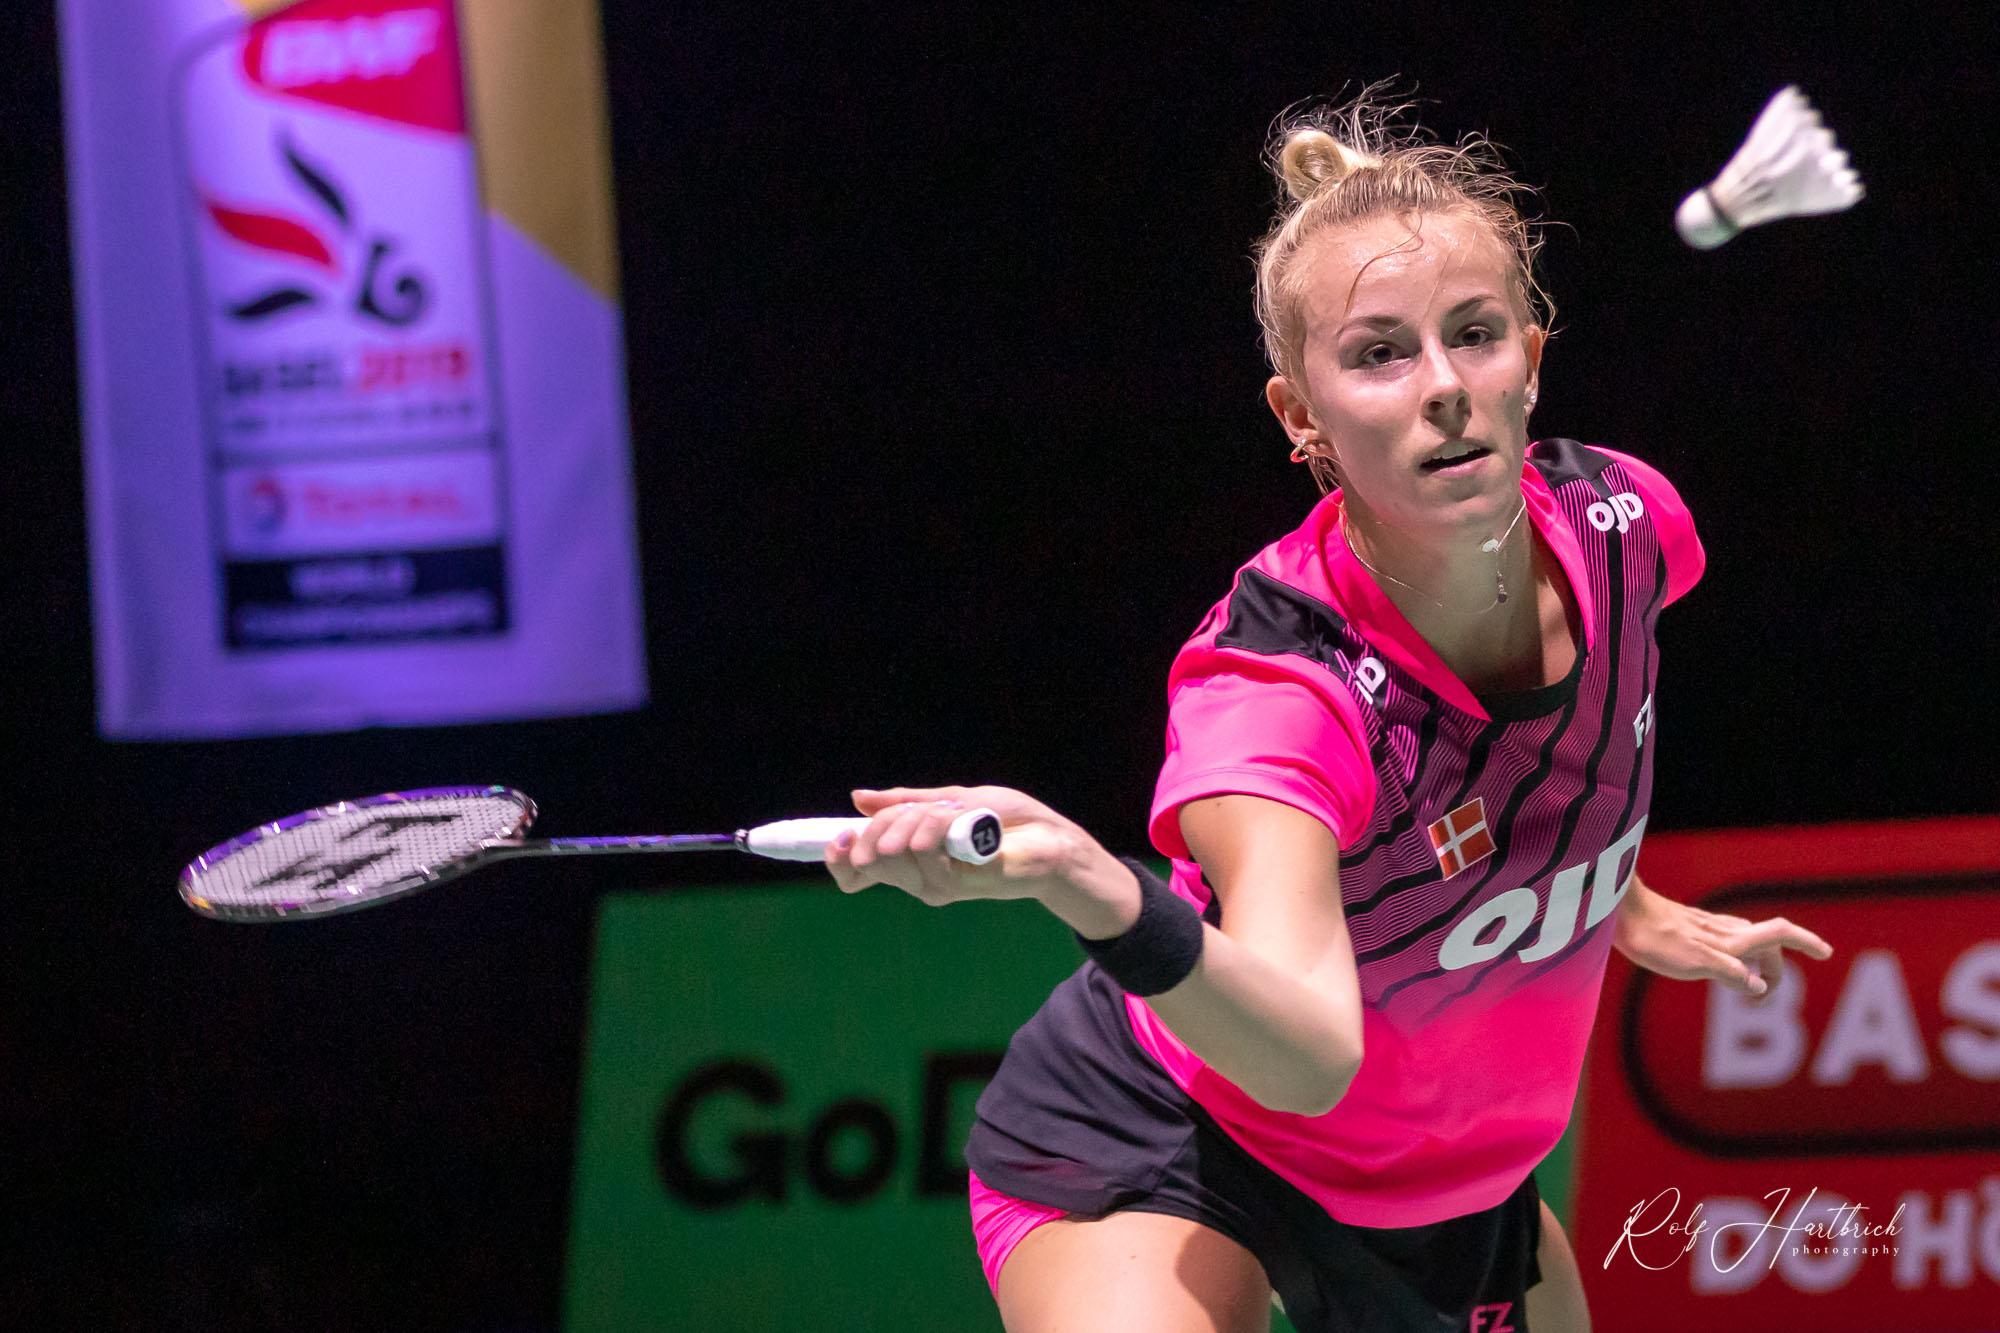 Bilder der Badminton WM